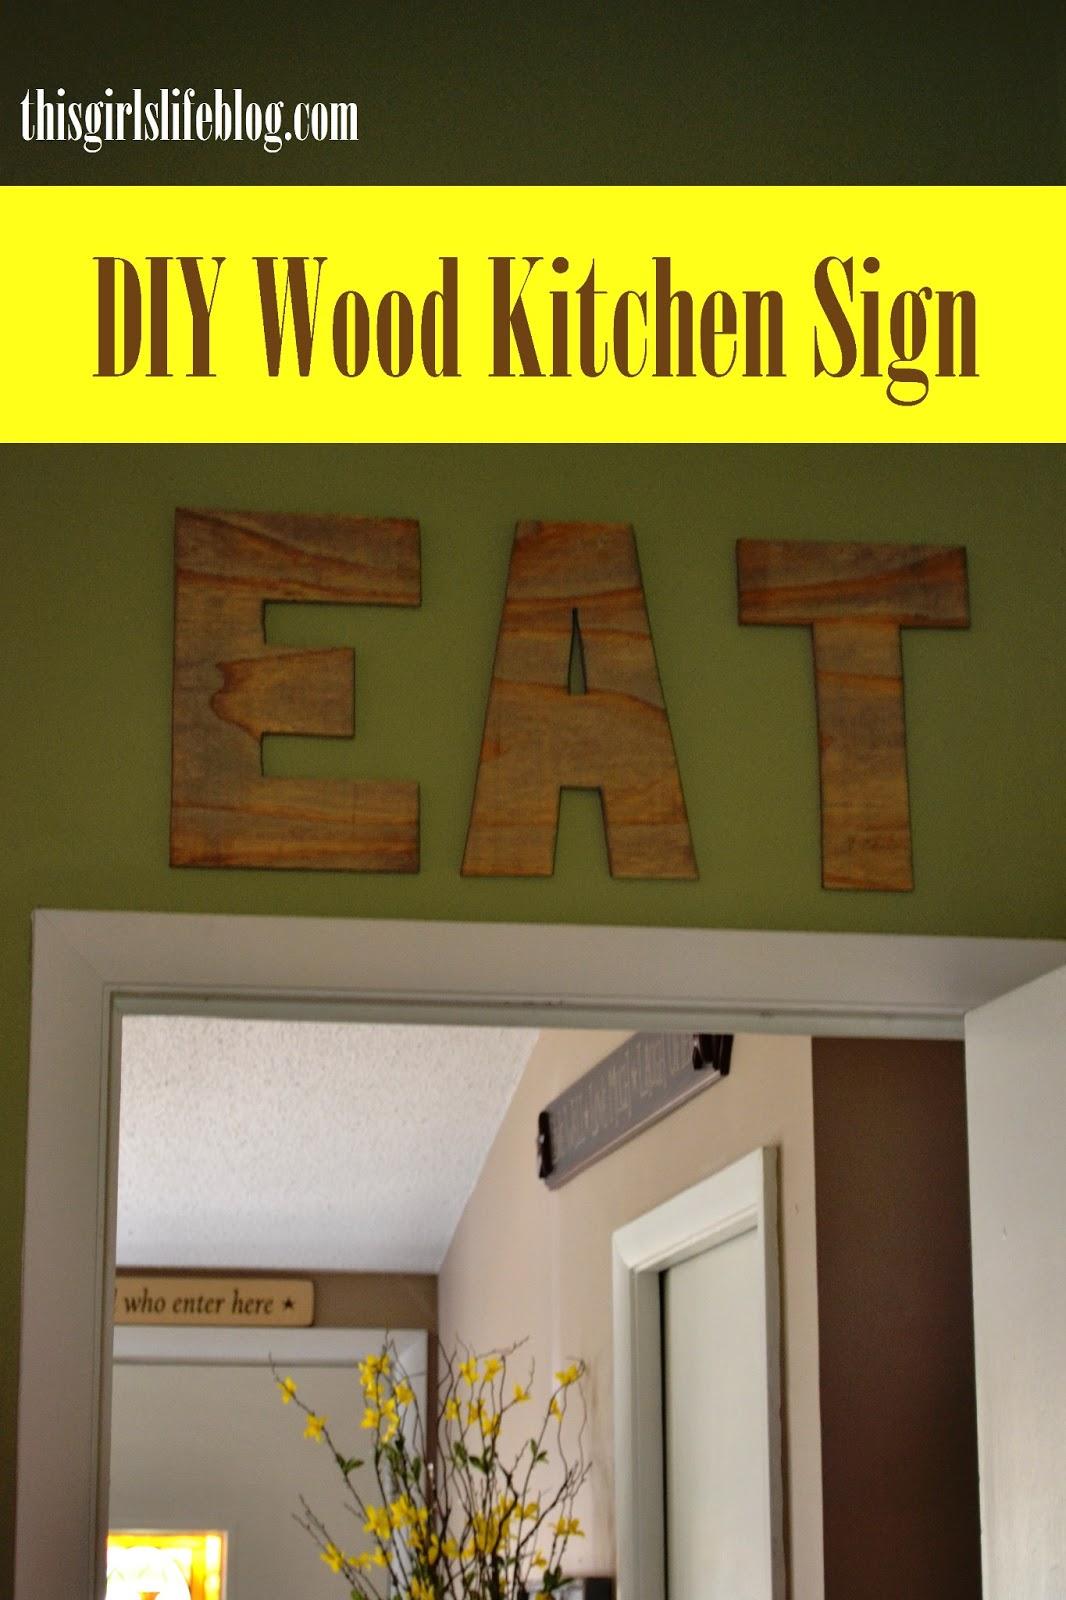 diy wood eat kitchen sign. Black Bedroom Furniture Sets. Home Design Ideas